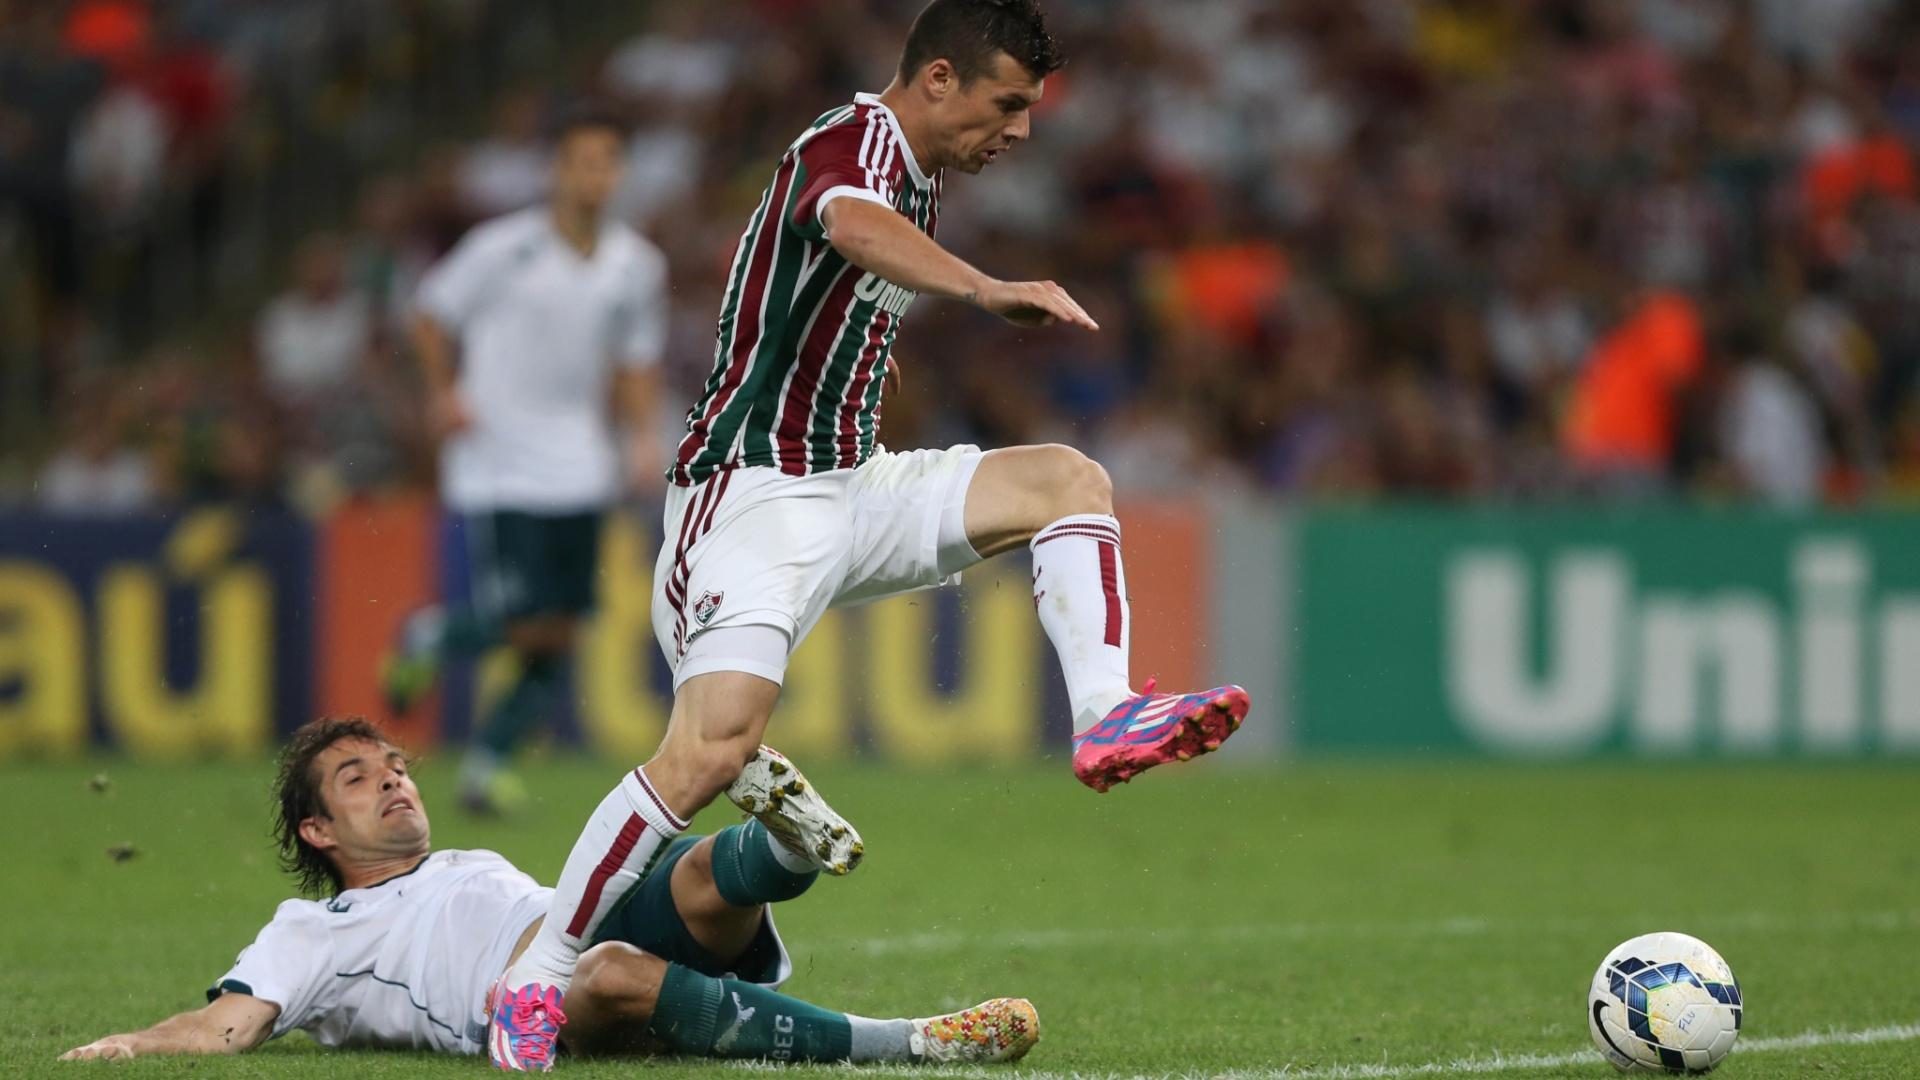 Wágner tenta finalização para o Fluminense contra o Goiás pelo Brasileirão